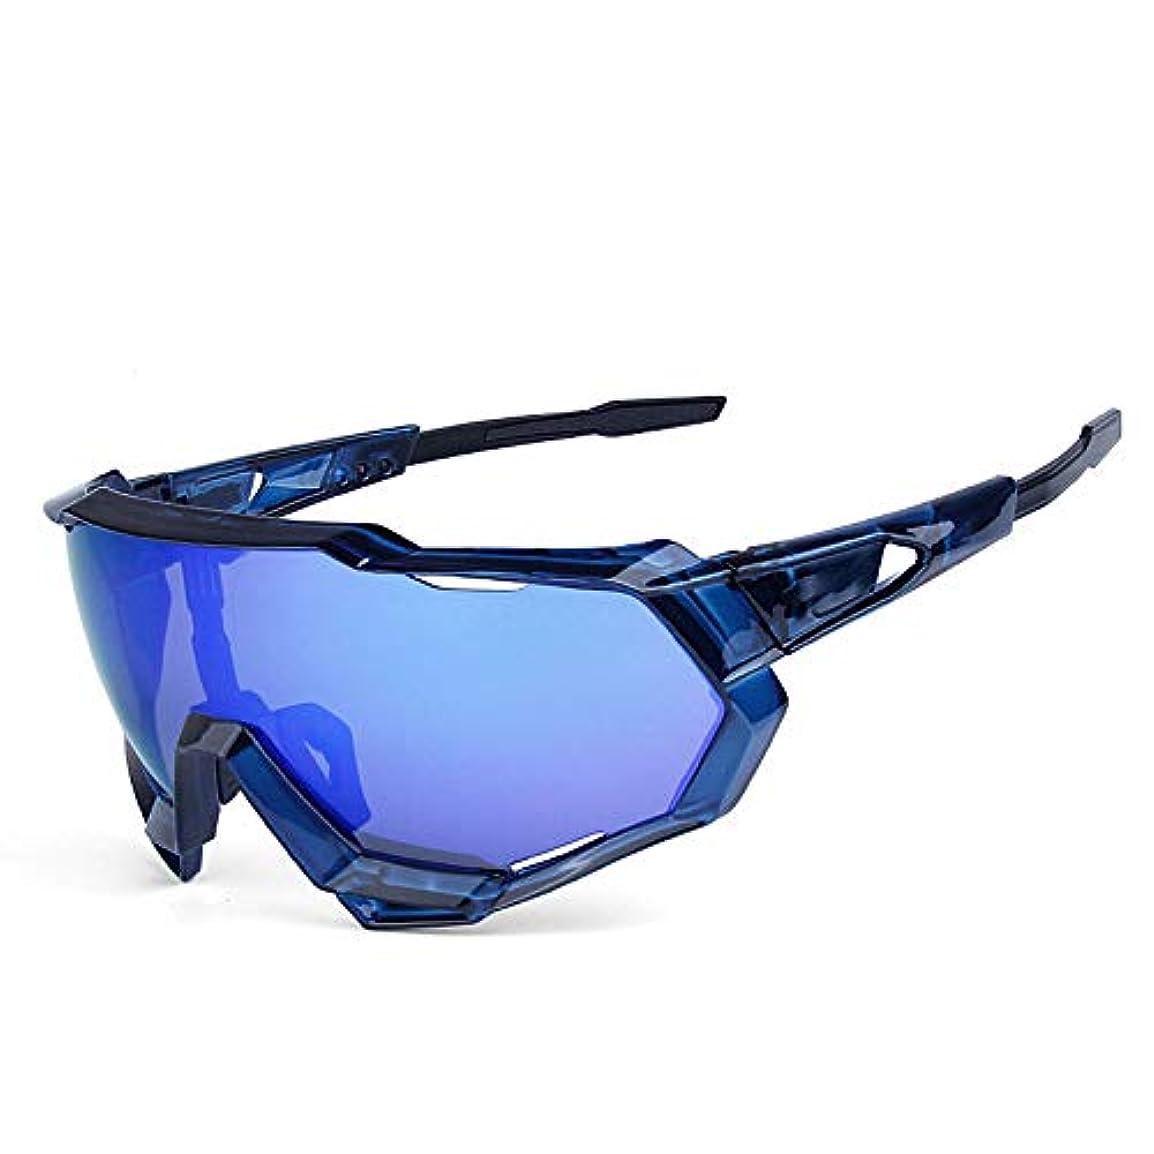 赤外線エンゲージメントマニアサイクリングメガネ 男性と女性サイクリングスポーツバイキング釣り紫外線保護サングラスメガネフレームデザイン用メンズとレディース7色 (Color : Blue)